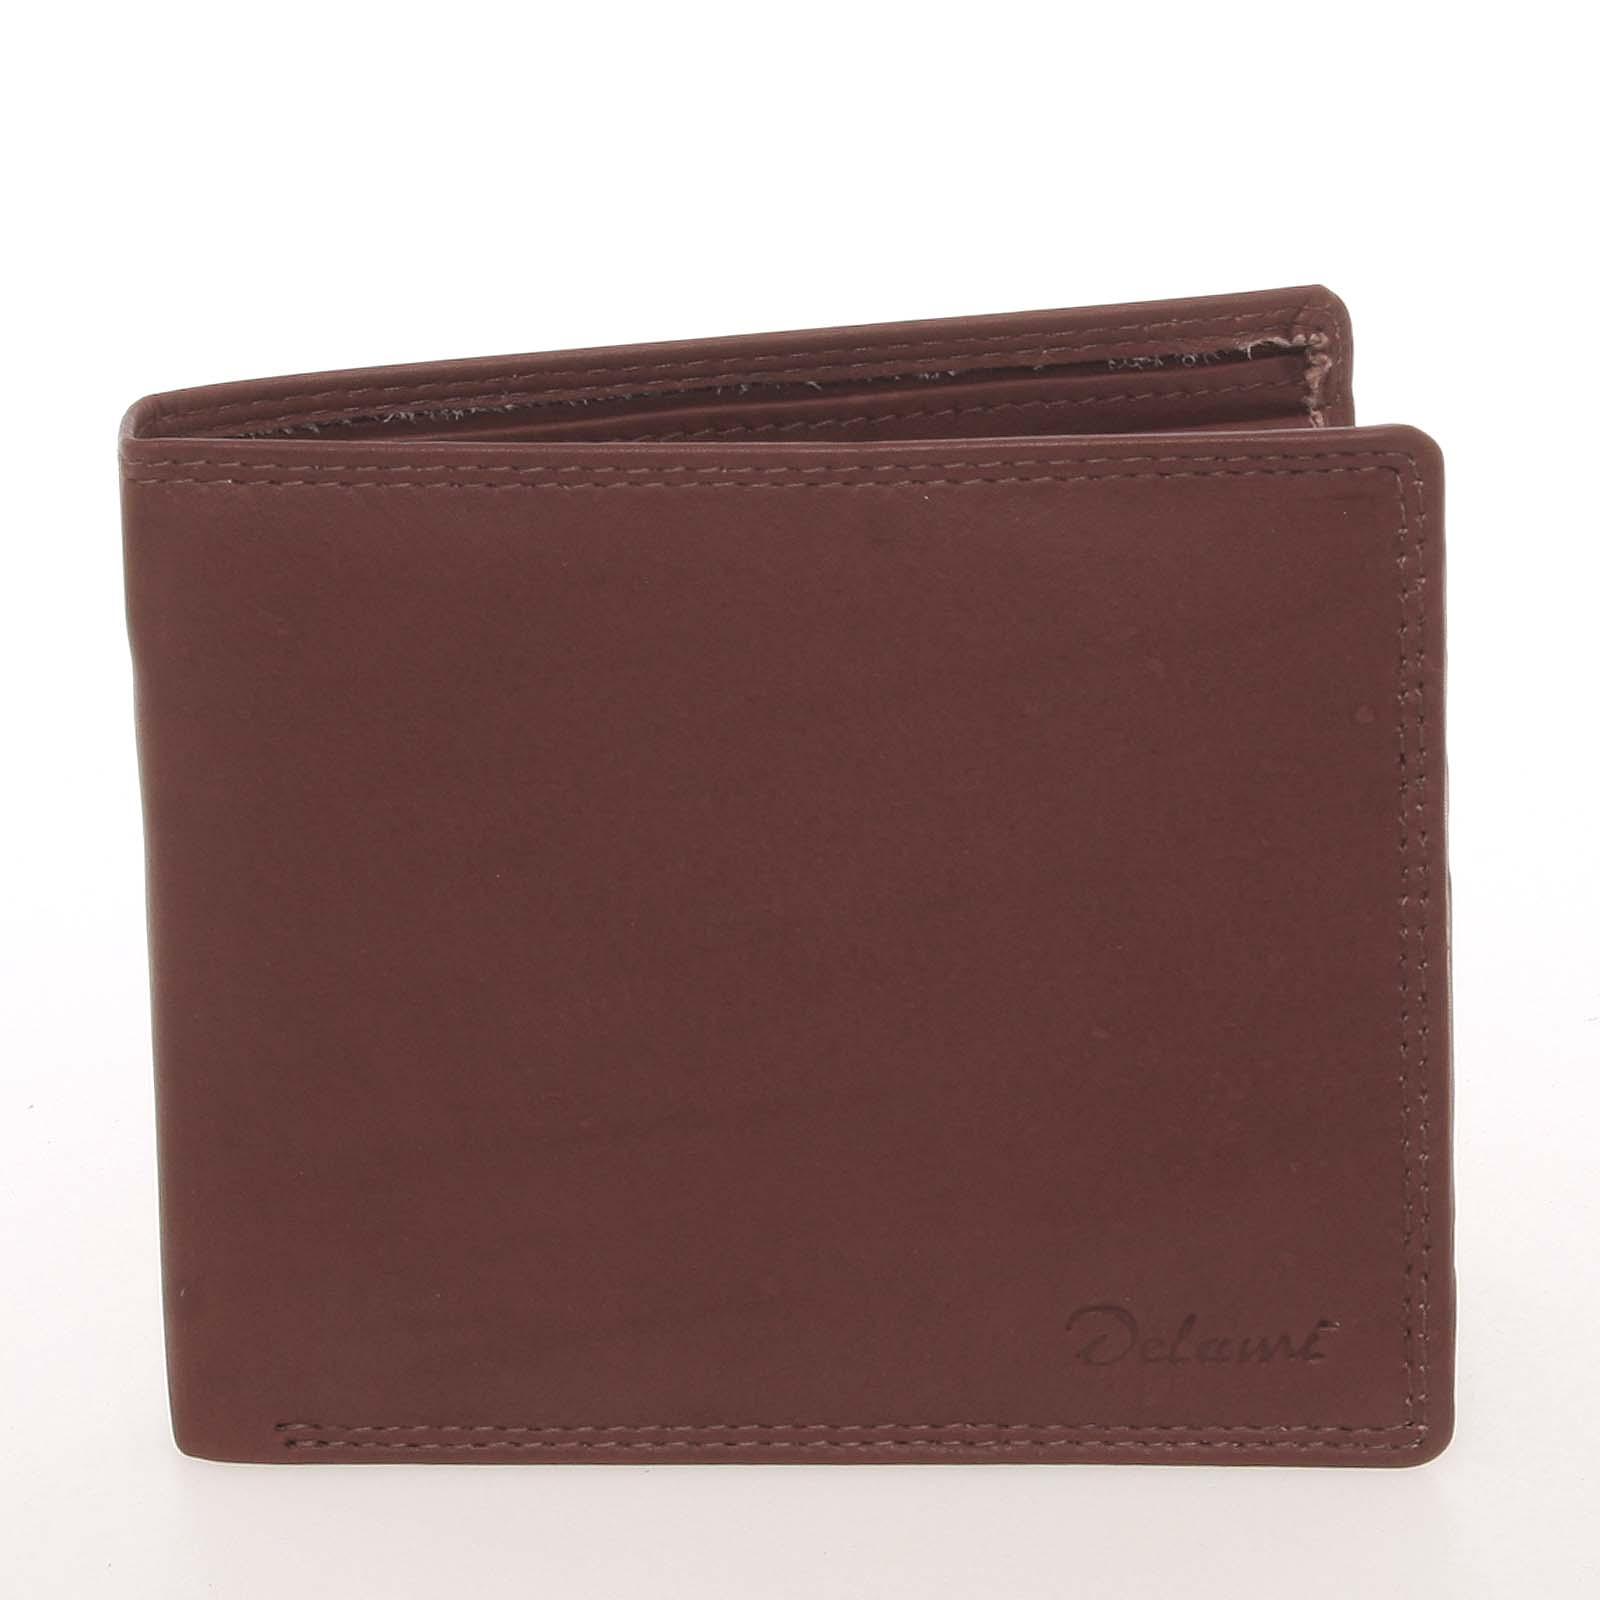 Elegantní pánská kožená hnědá peněženka - Delami Kerman